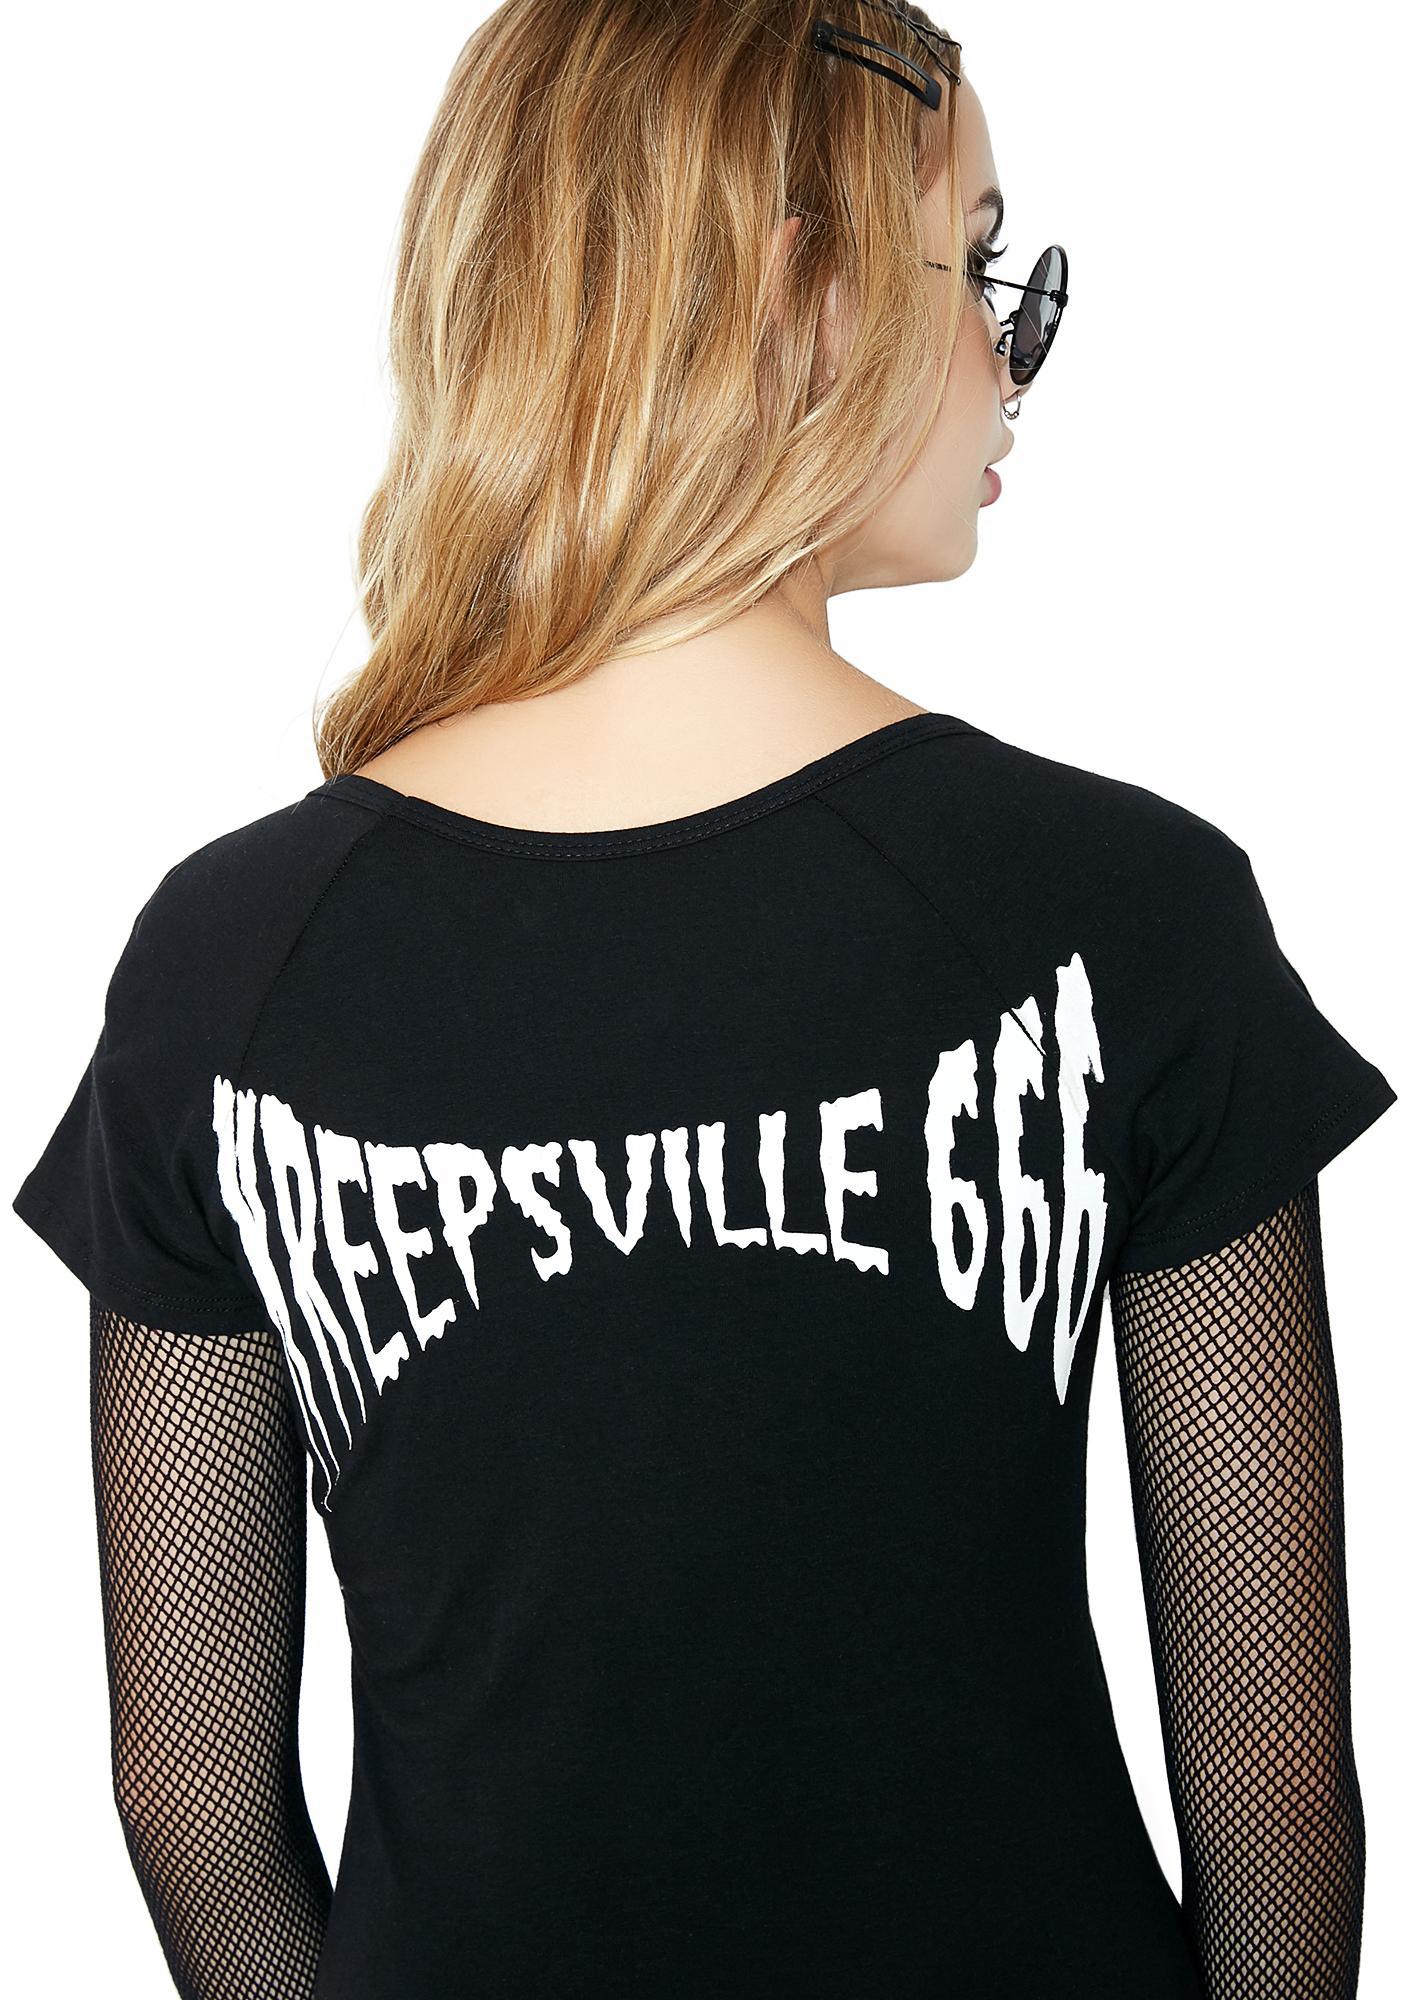 Kreepsville 666 Skeleton White Flare Dress